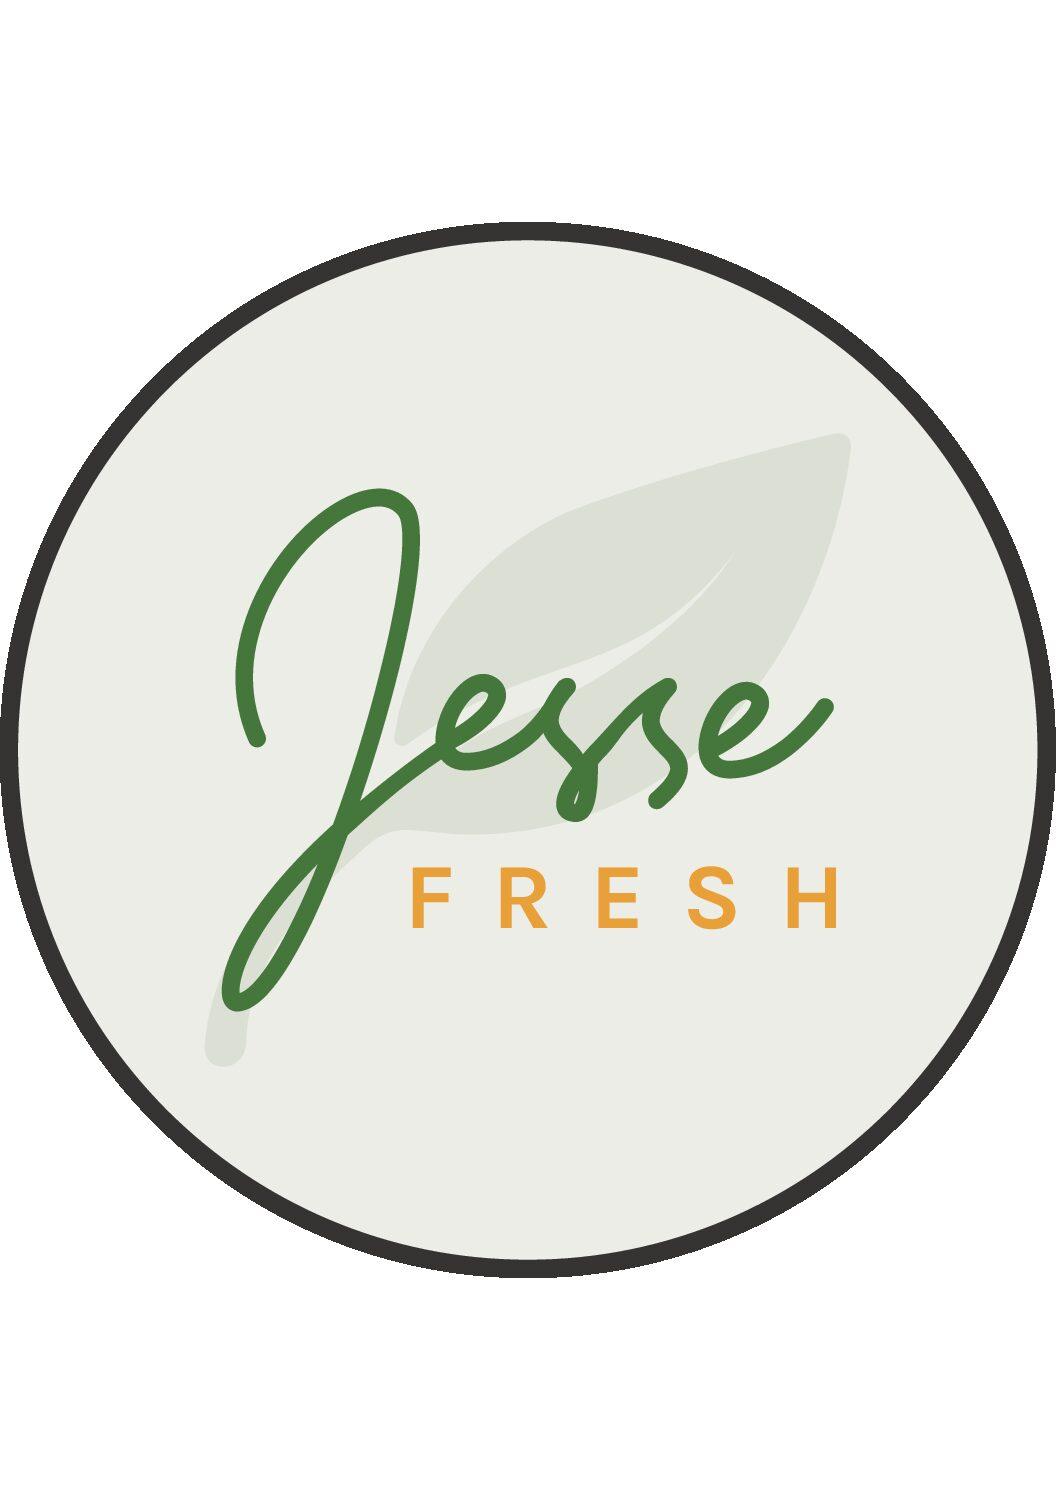 Jesse Fresh